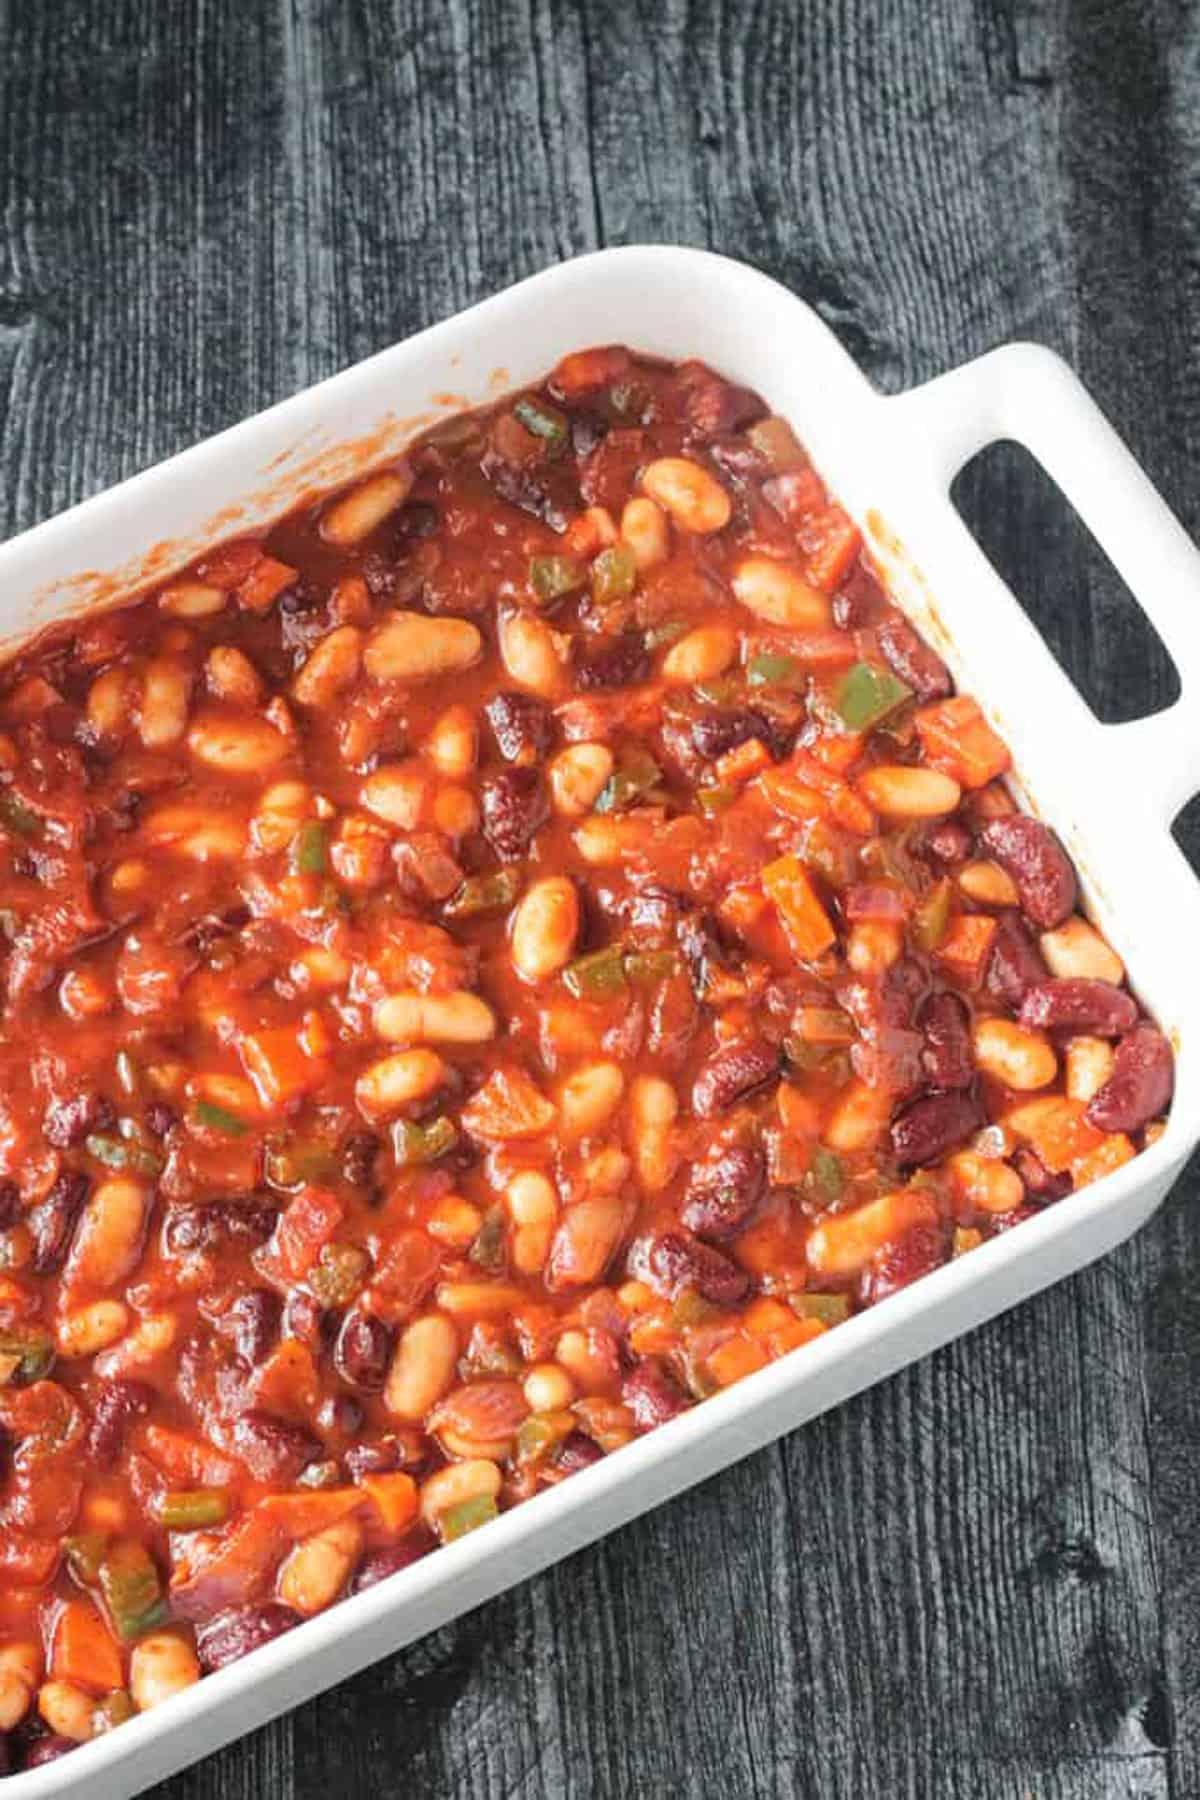 Bean filling in a rectangular baking pan.